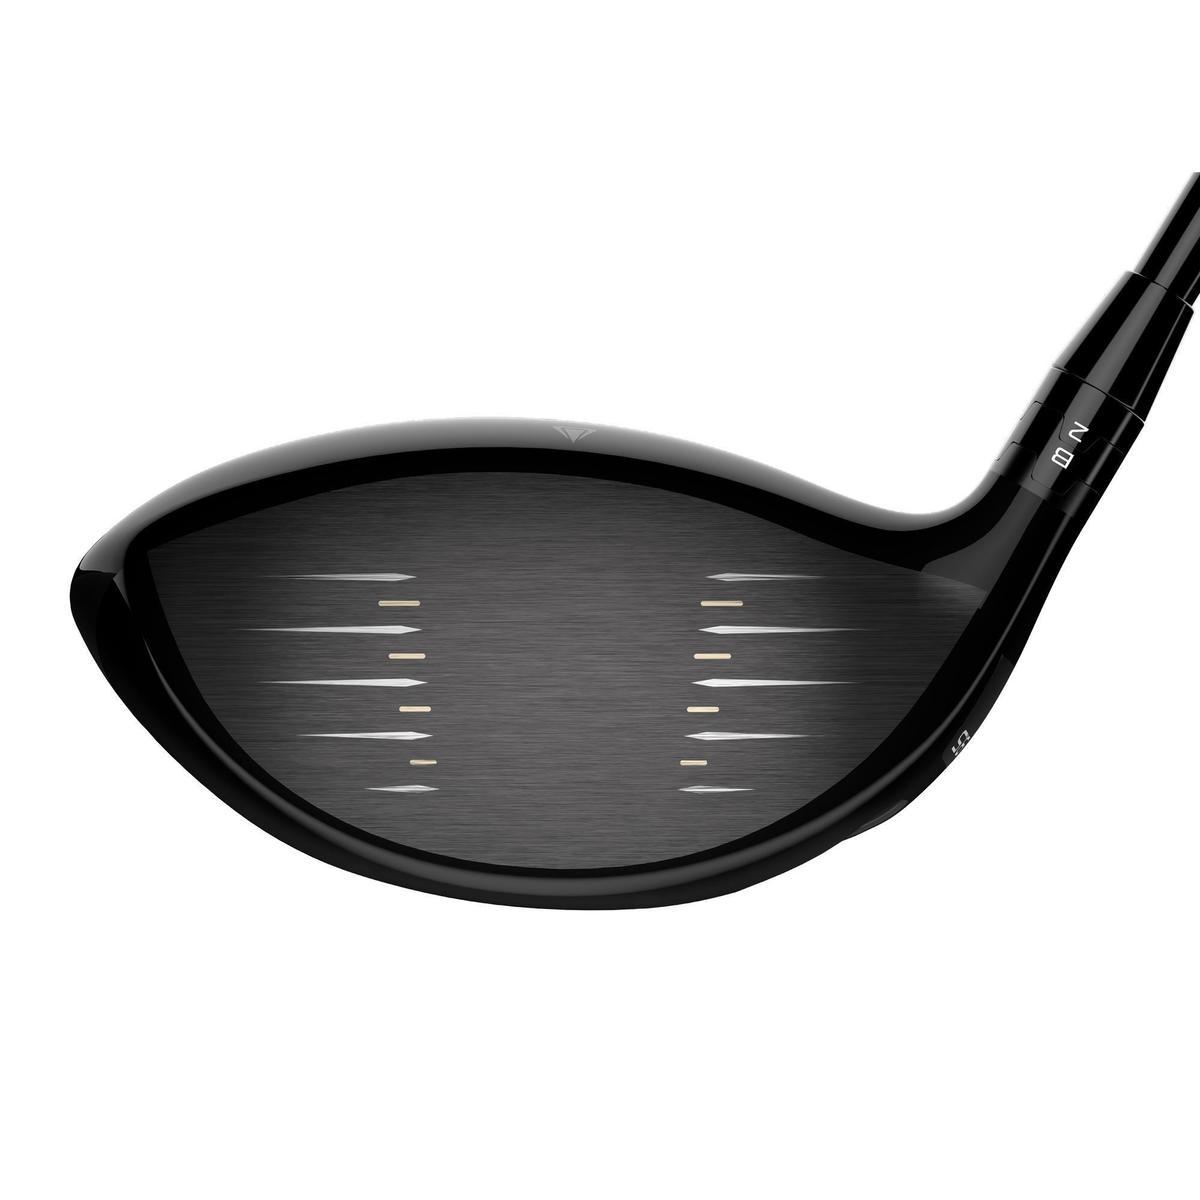 Bild 3 von Golf Driver TS2 10,5° RH Regular Herren